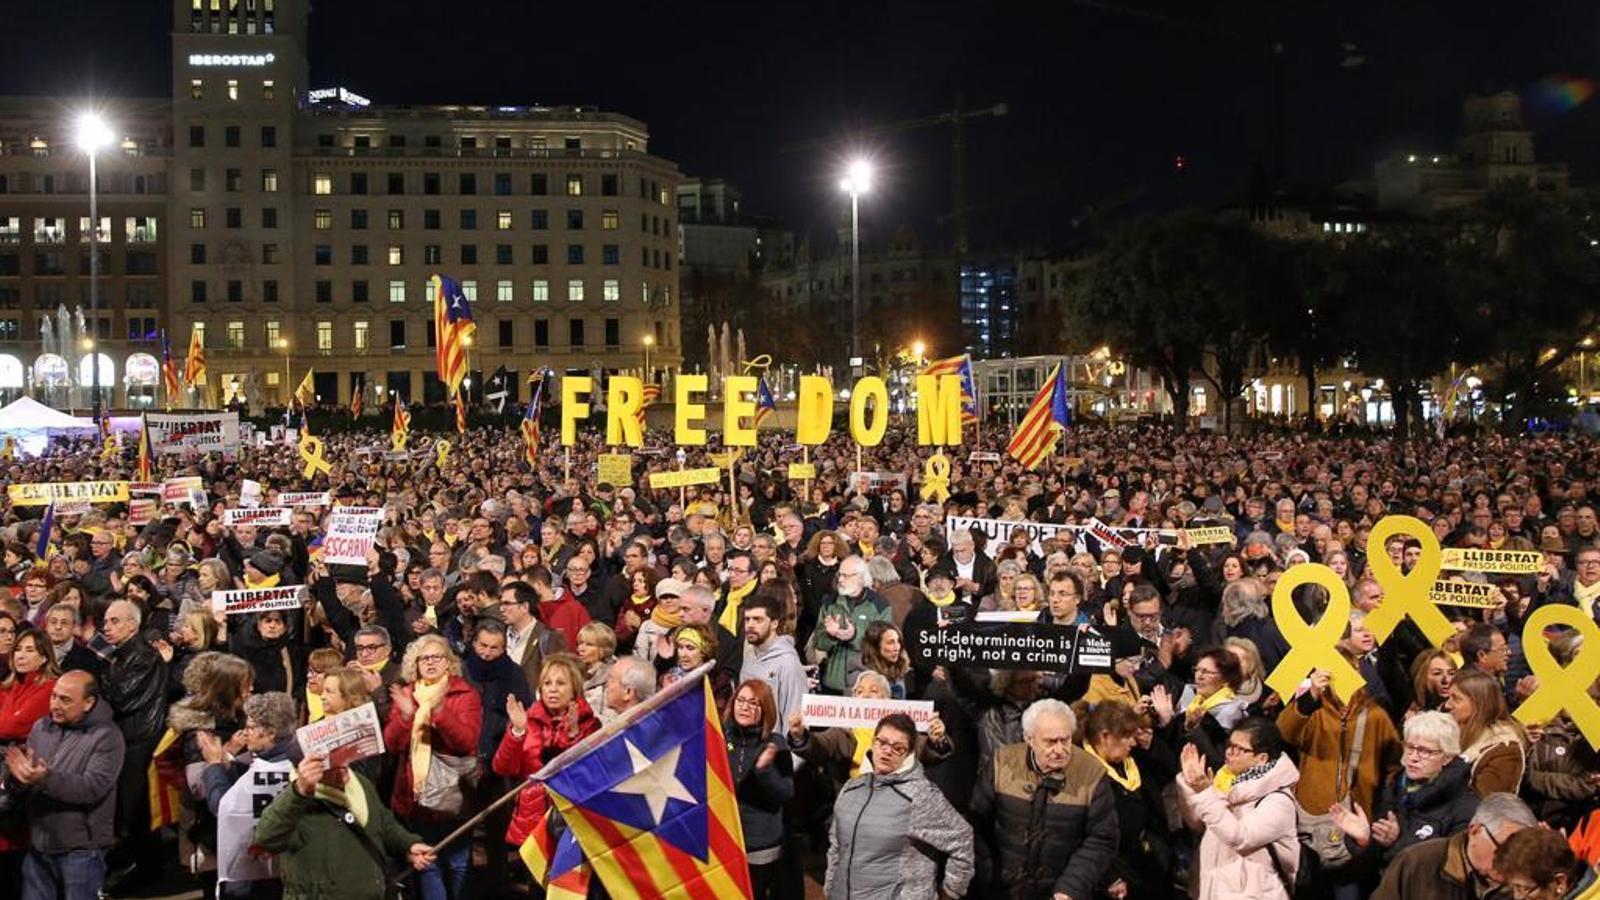 Concentració en suport als presos, a la plaça Catalunya de Barcelona